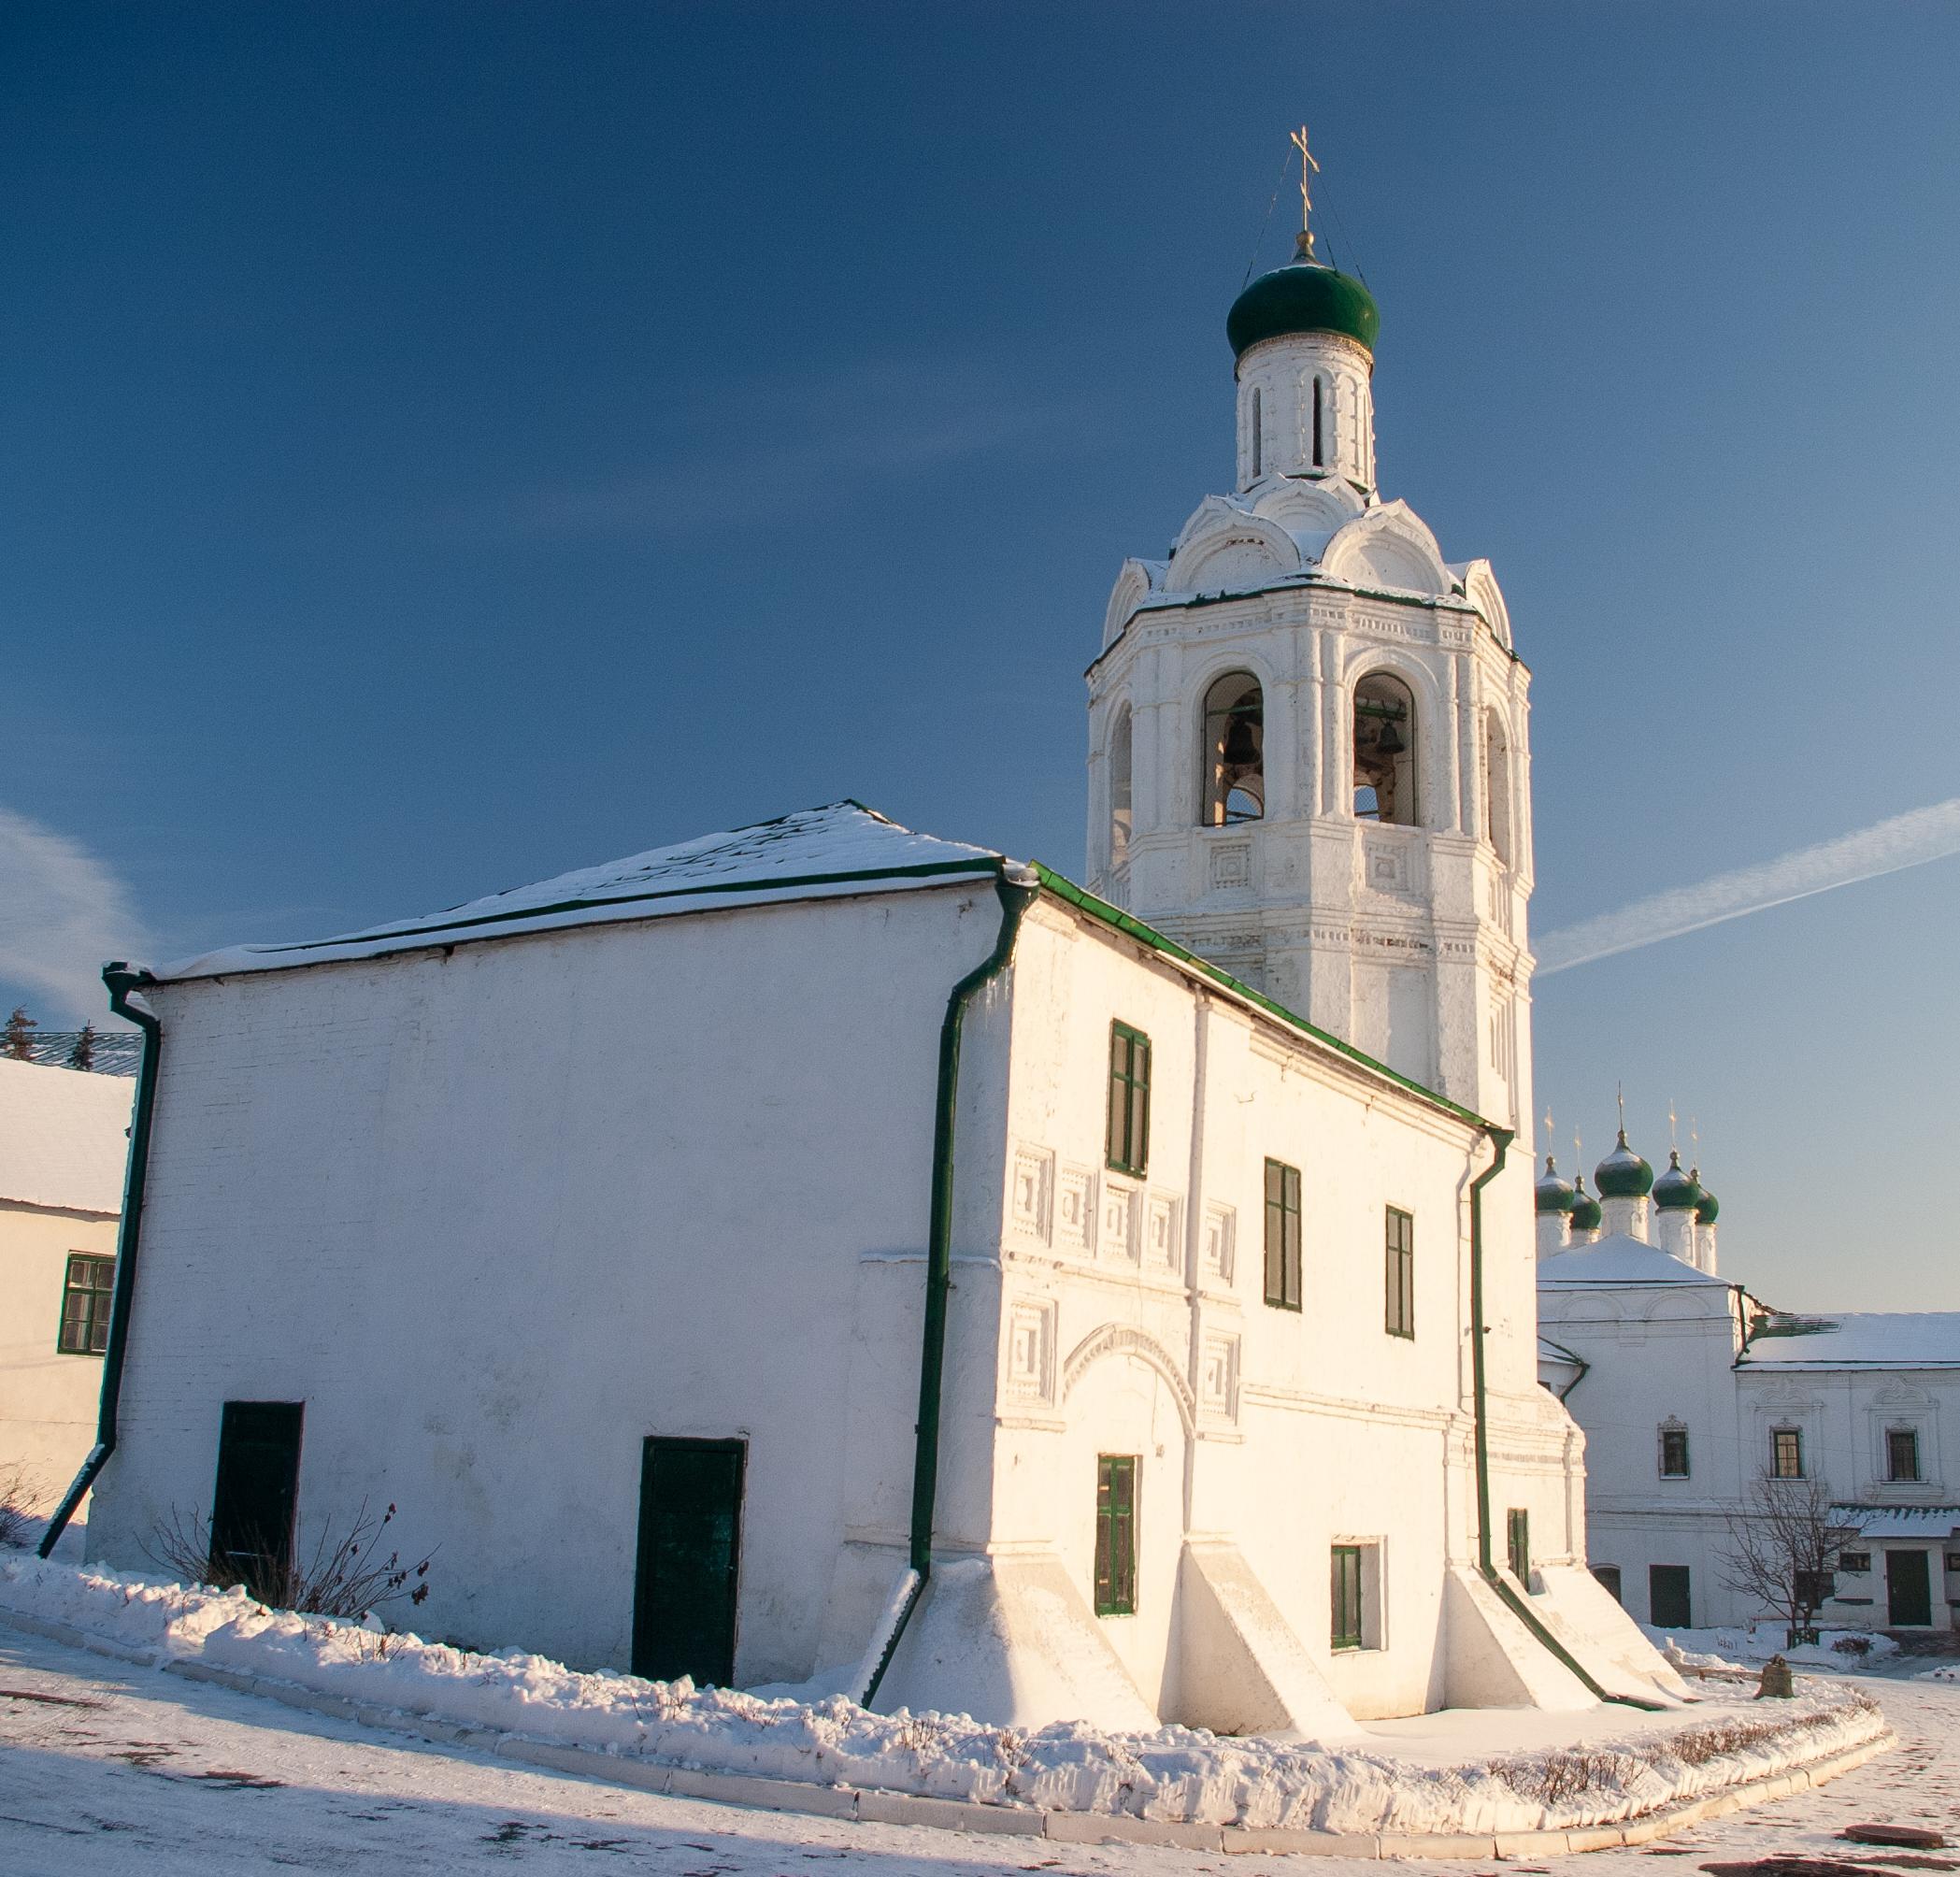 В левой части кадра к колокольне пристыковывался Собор.